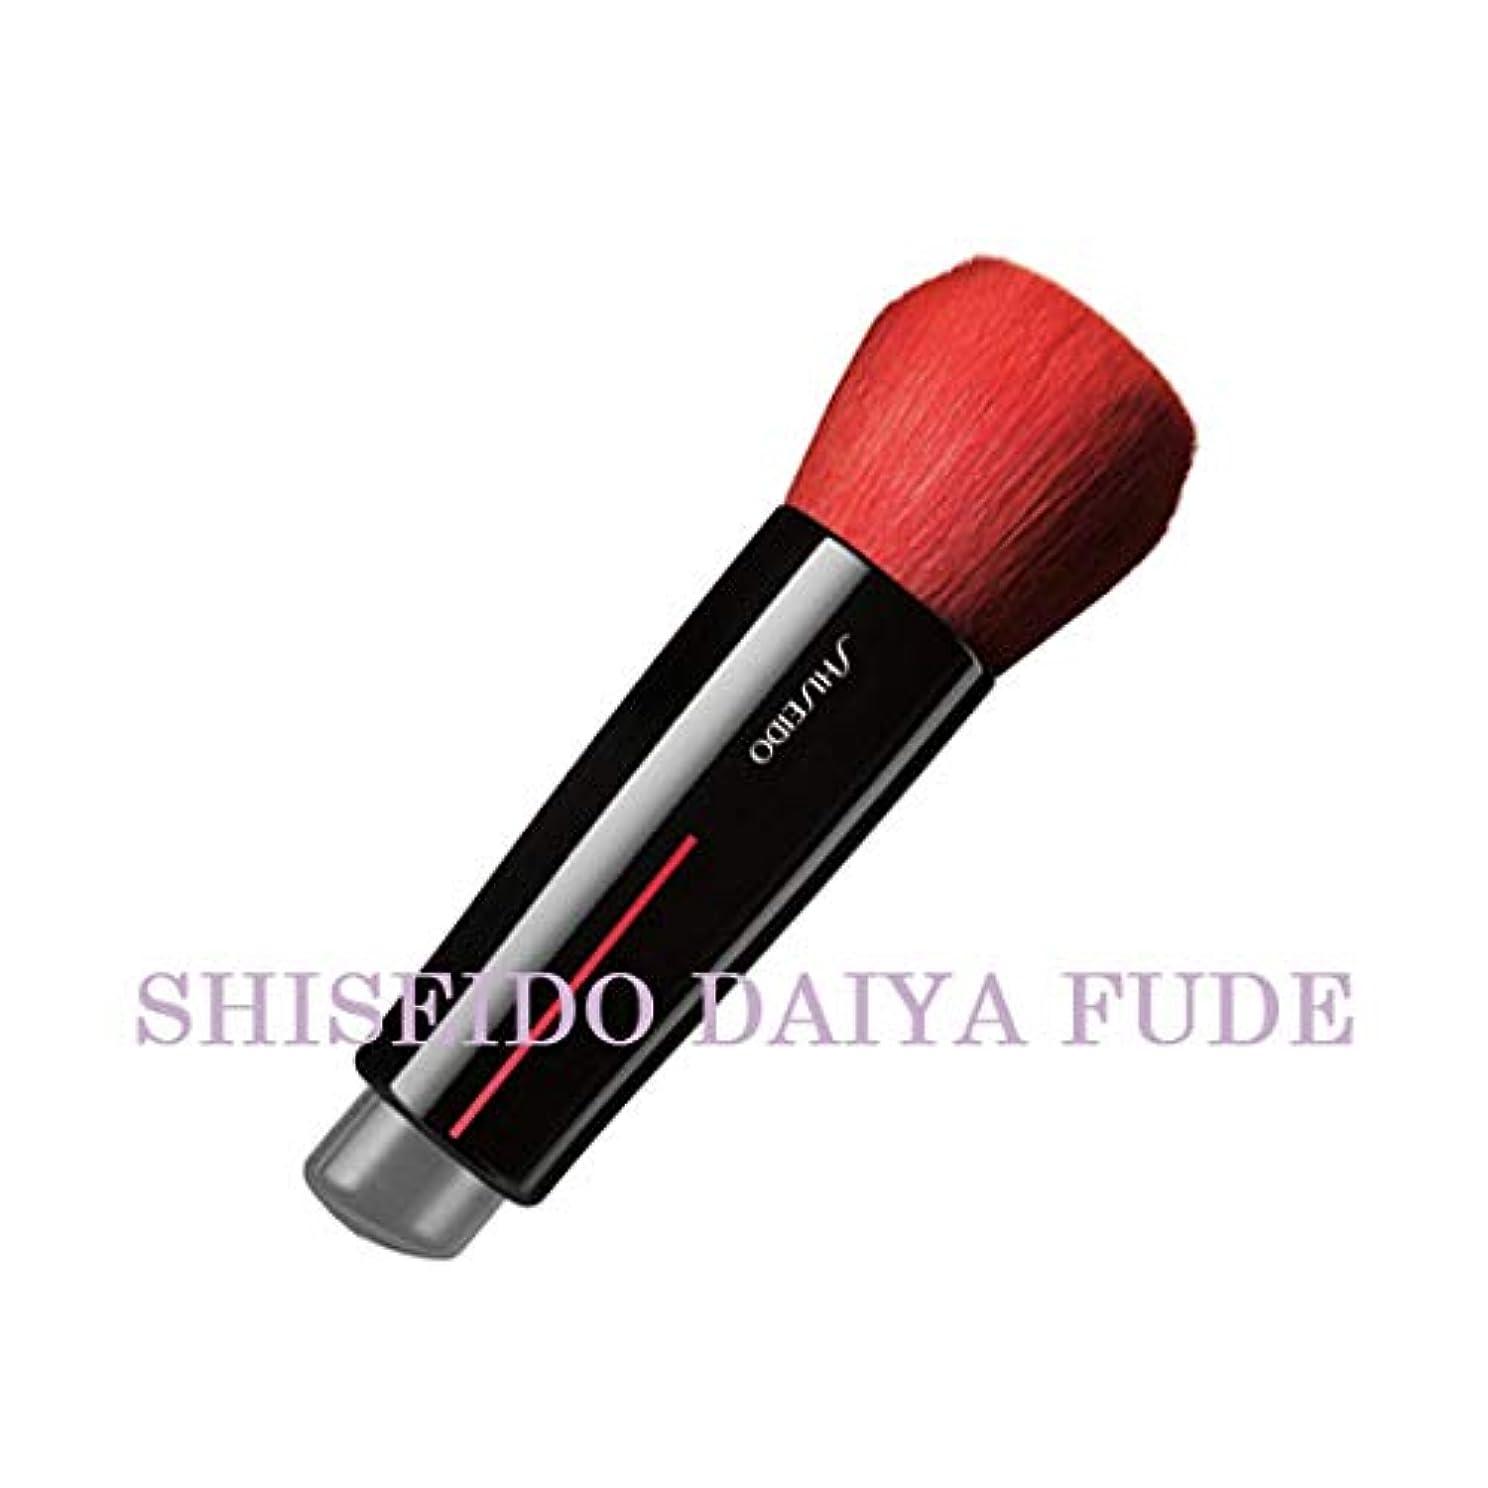 重なる吸収剤比類のないSHISEIDO Makeup(資生堂 メーキャップ) SHISEIDO(資生堂) SHISEIDO DAIYA FUDE フェイス デュオ